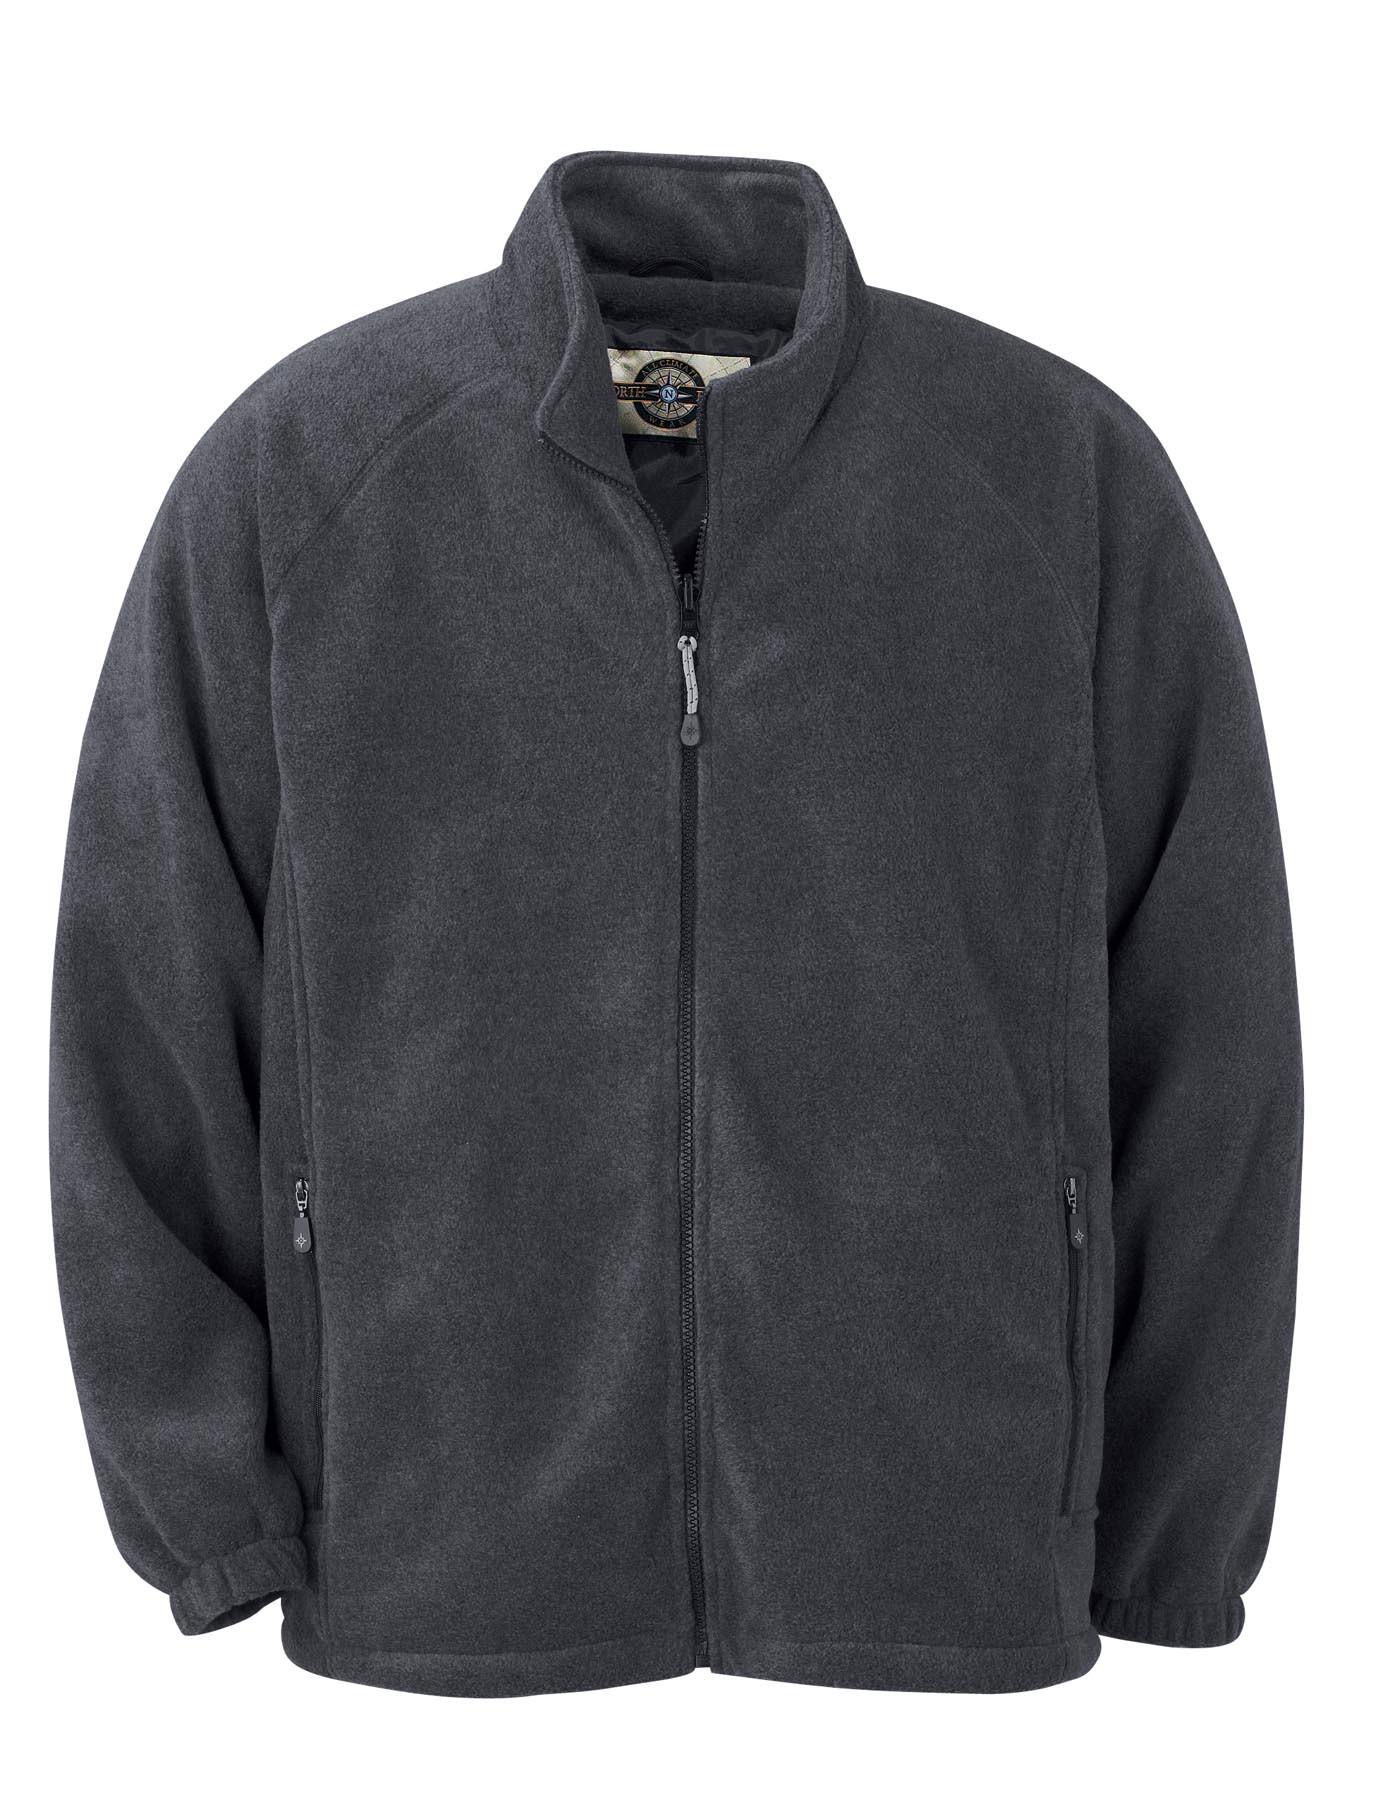 Ash City Poly Fleece 88108 - Men's Interactive Fleece Jacket